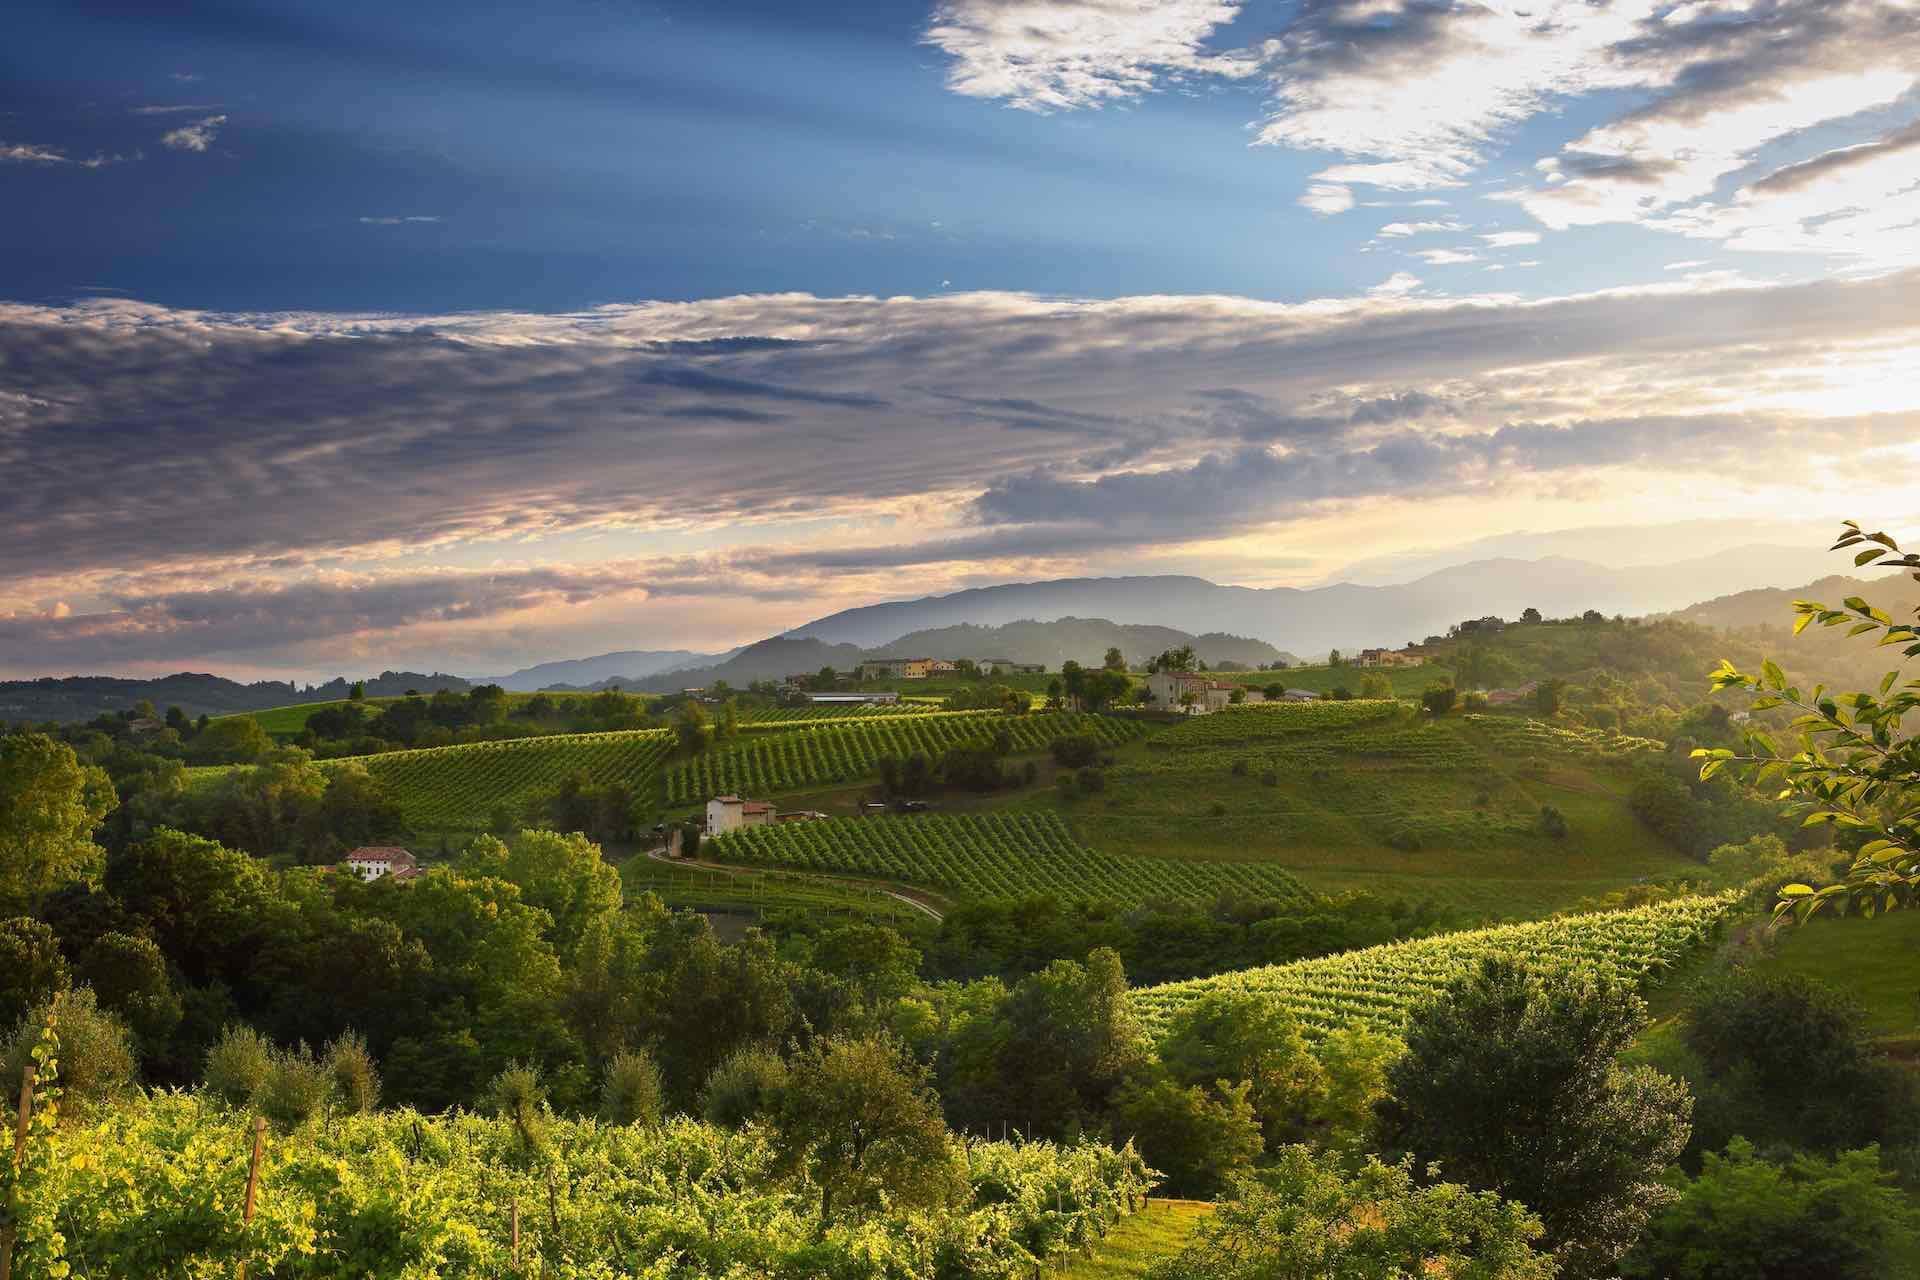 Strada del Vino sulle Colline del Prosecco Valdobbiadene in Veneto